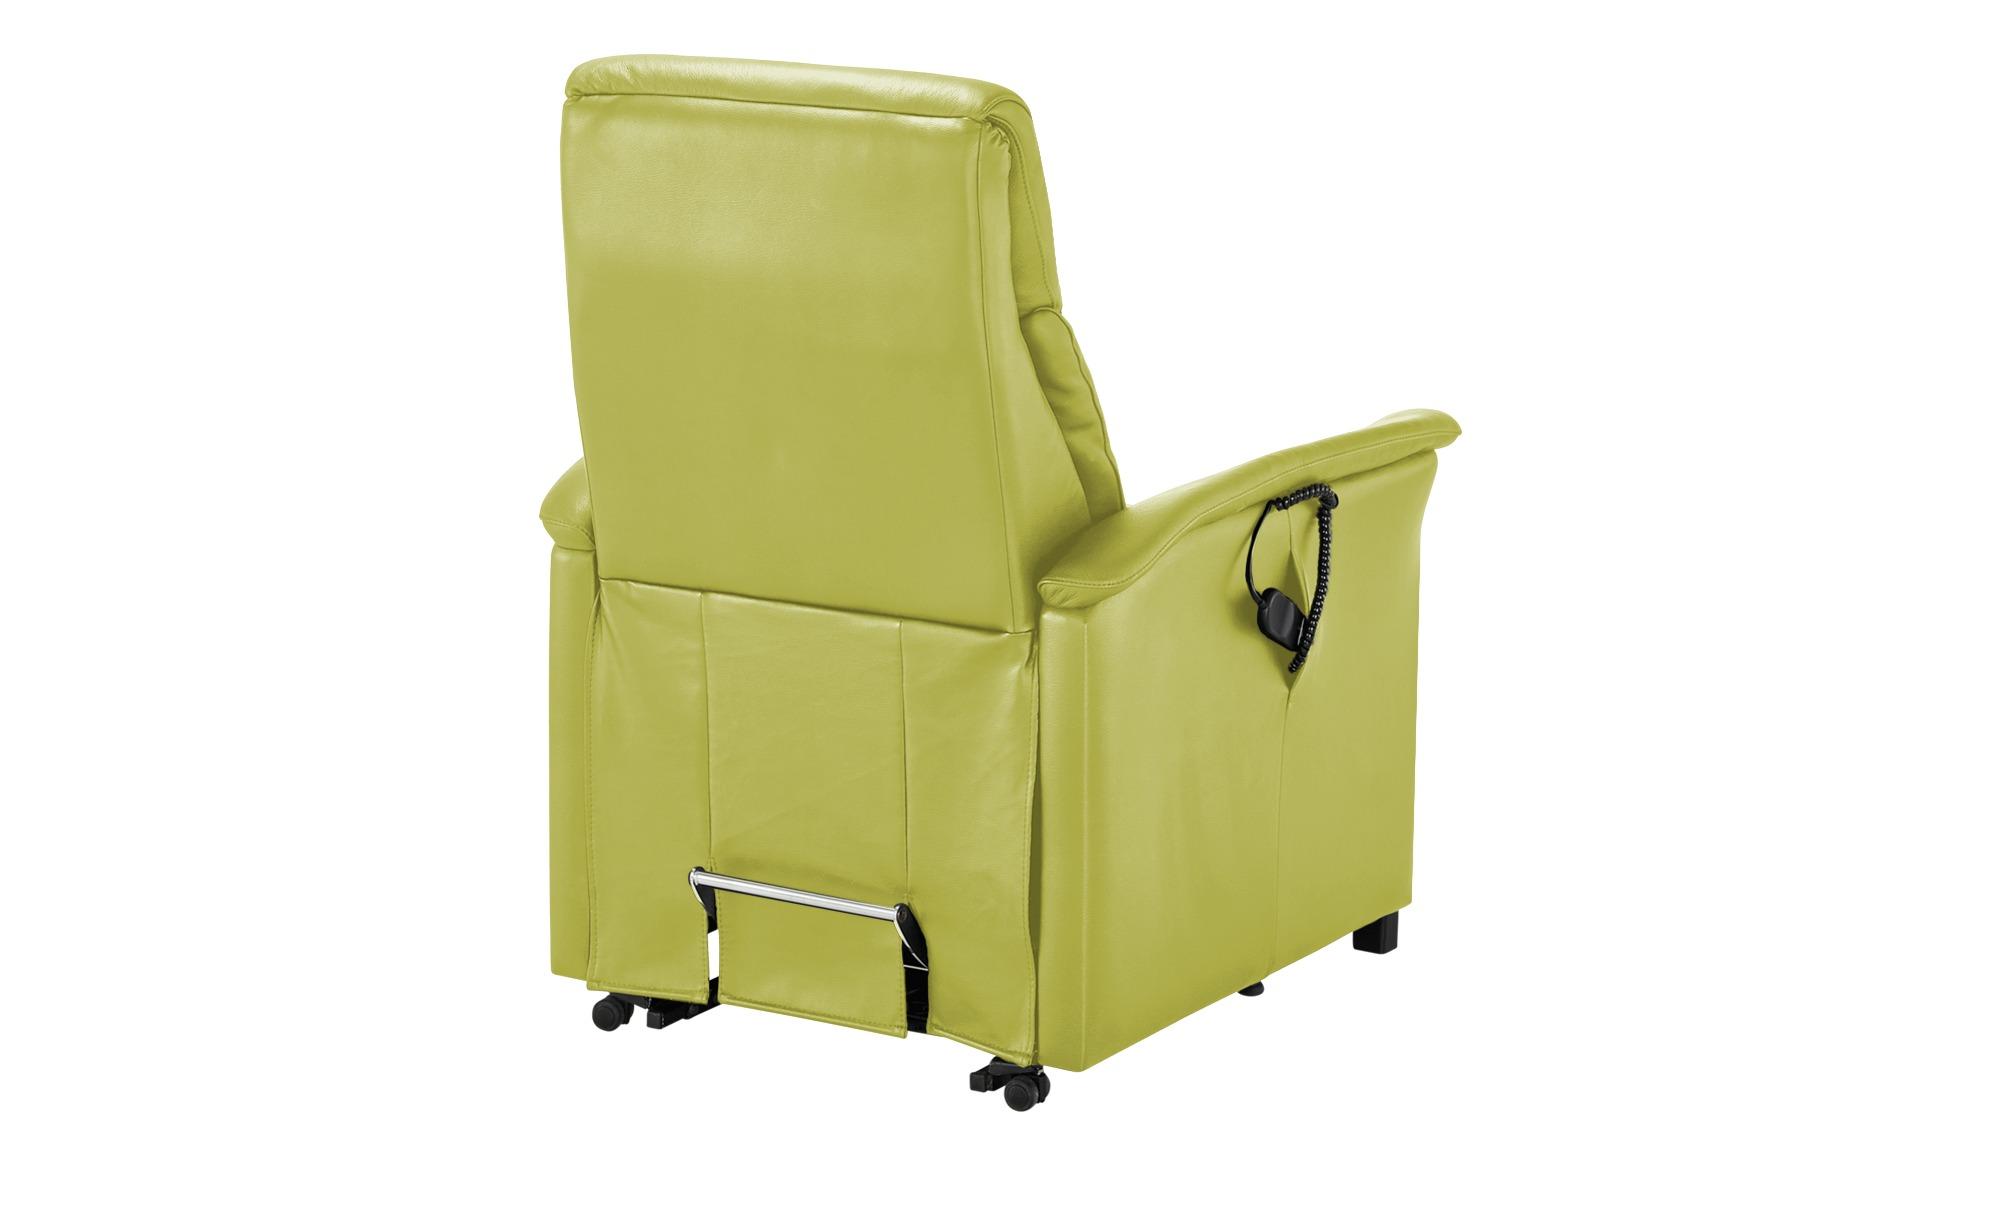 Nils Olsen Fernsehsessel L  Agda ¦ grün ¦ Maße (cm): B: 89 H: 114 T: 89 Polstermöbel > Sessel > Ledersessel - Höffner